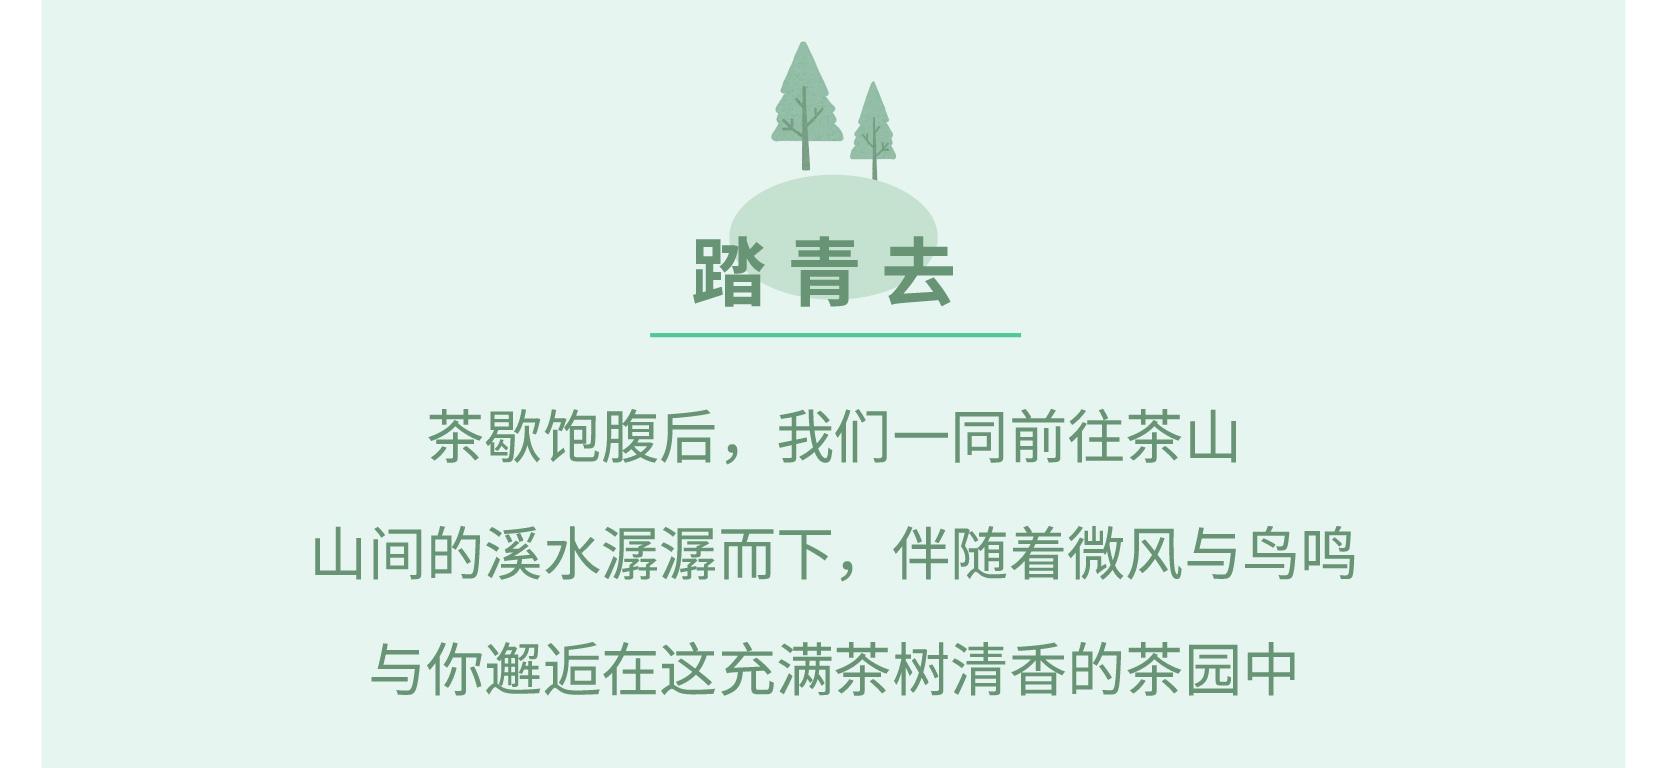 品茶活动推文_07.jpg